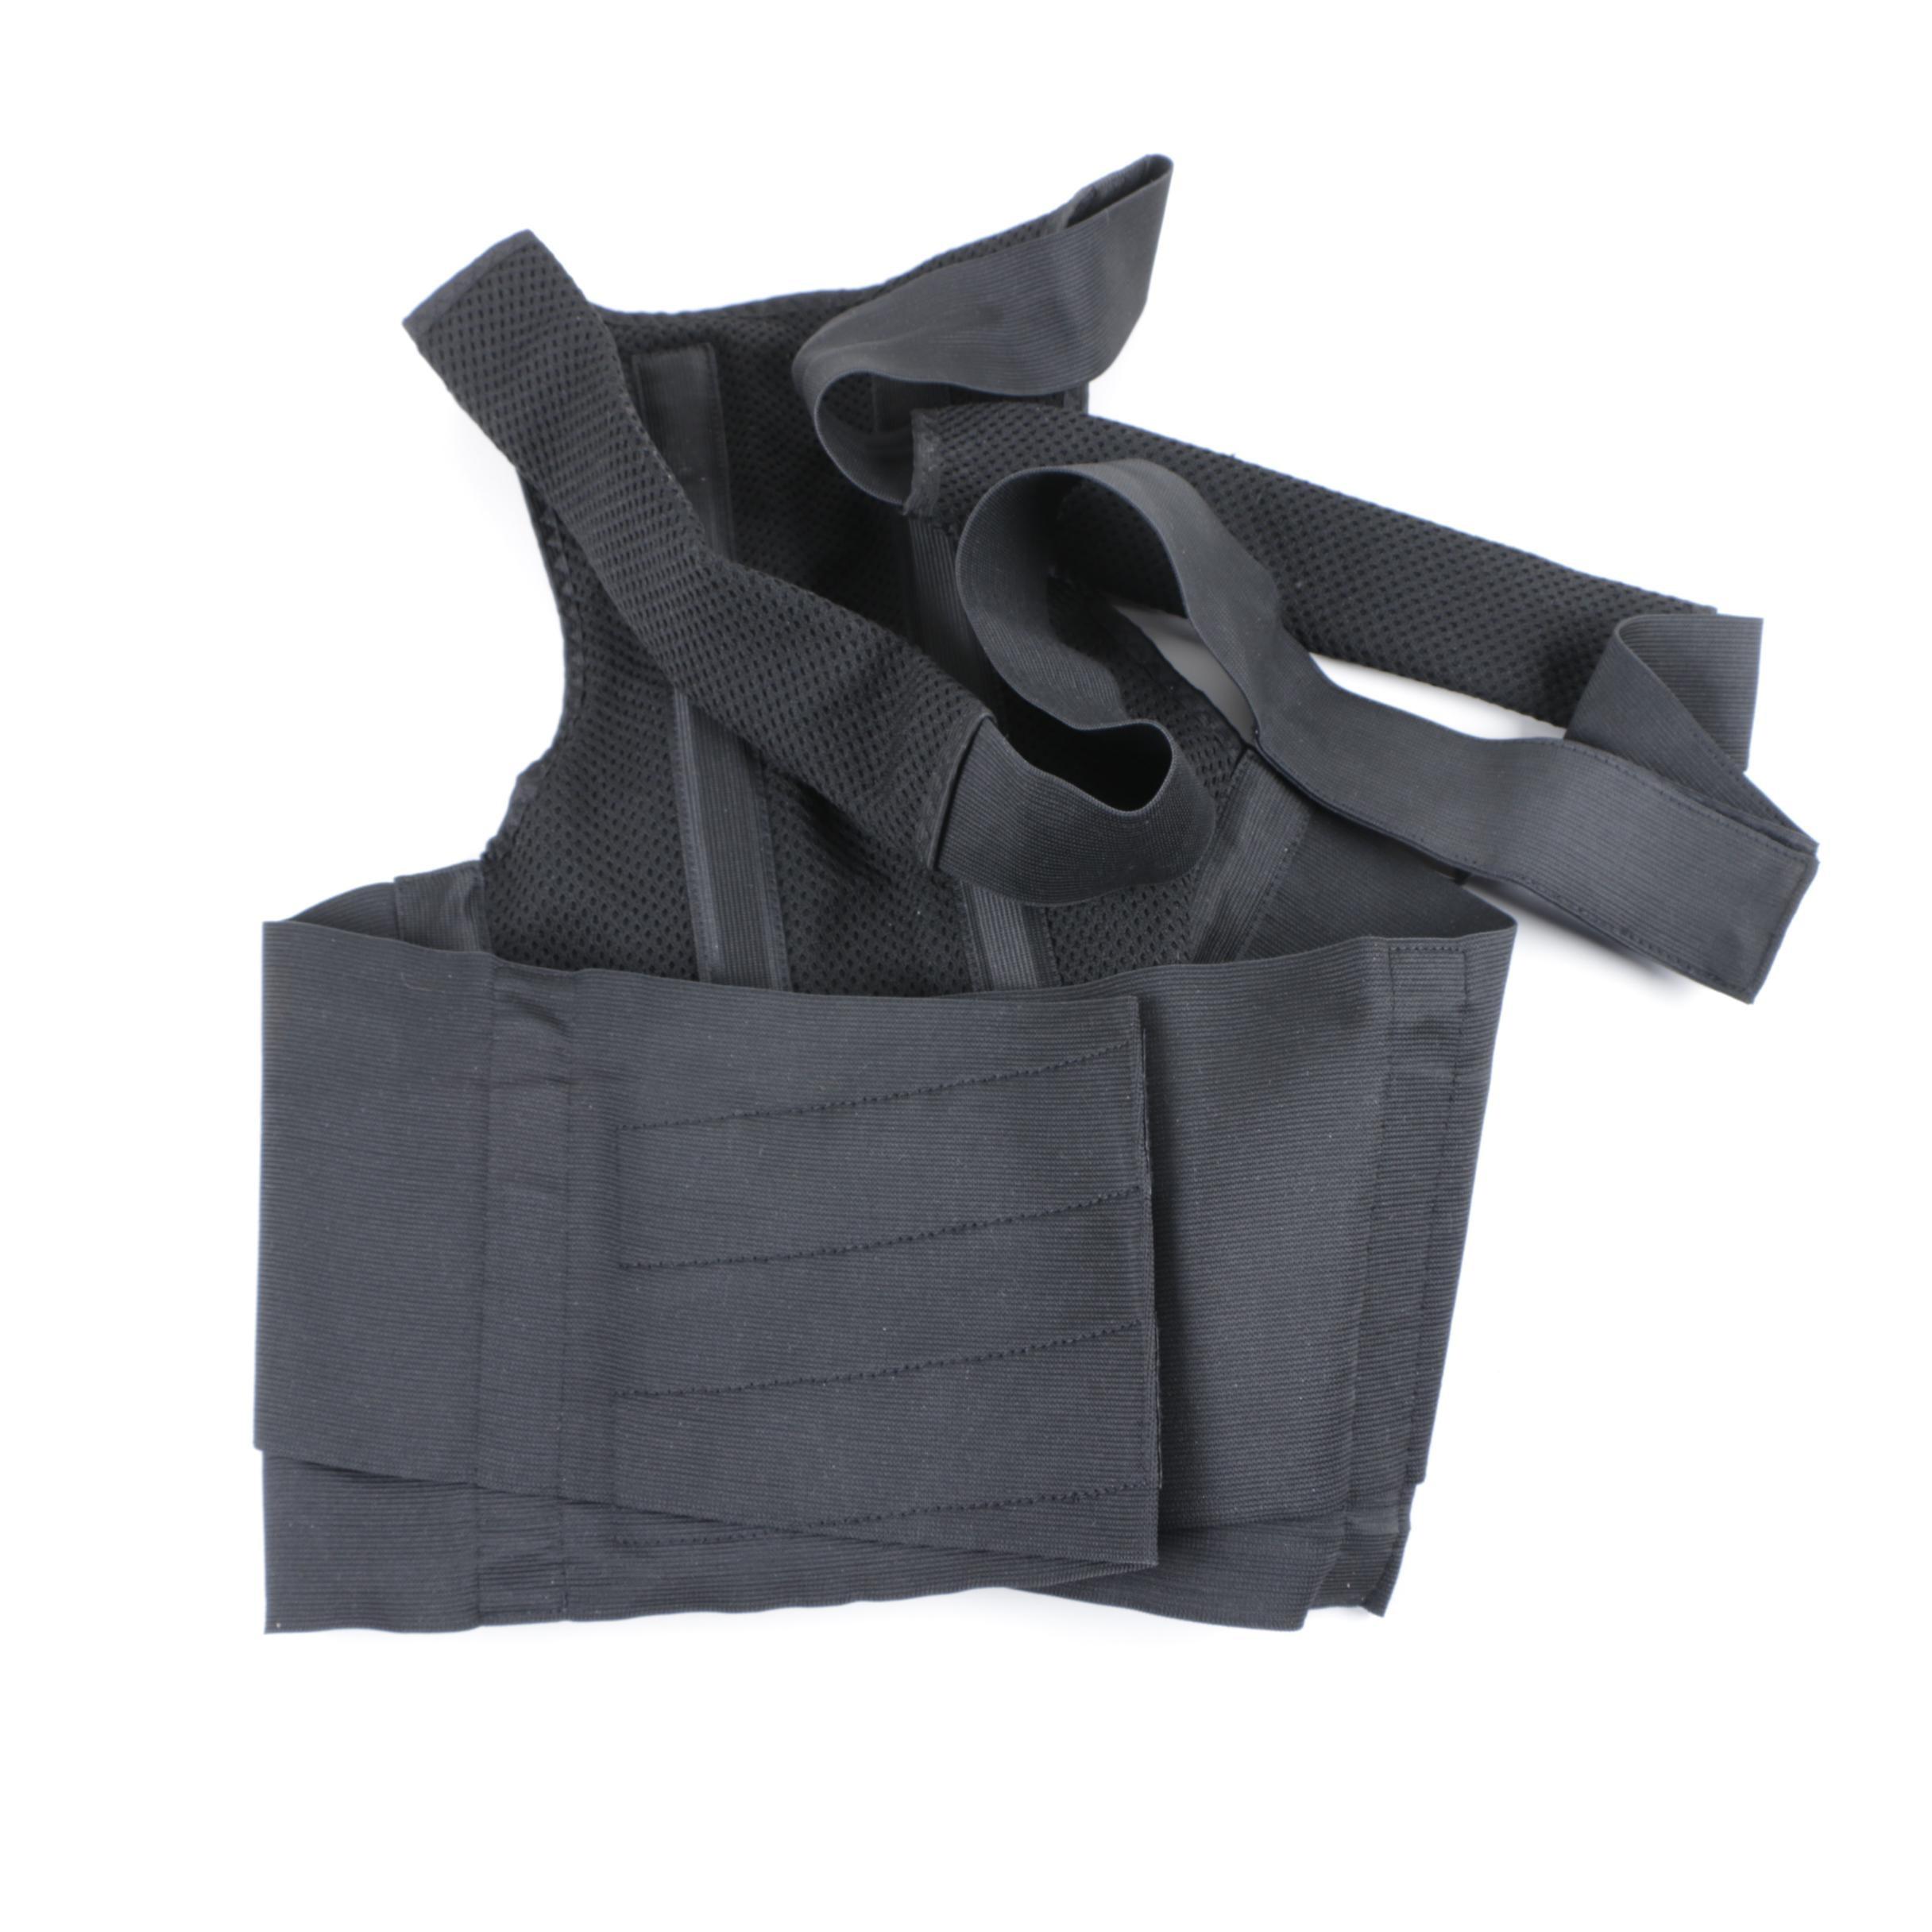 Lux Posture Corrector Brace